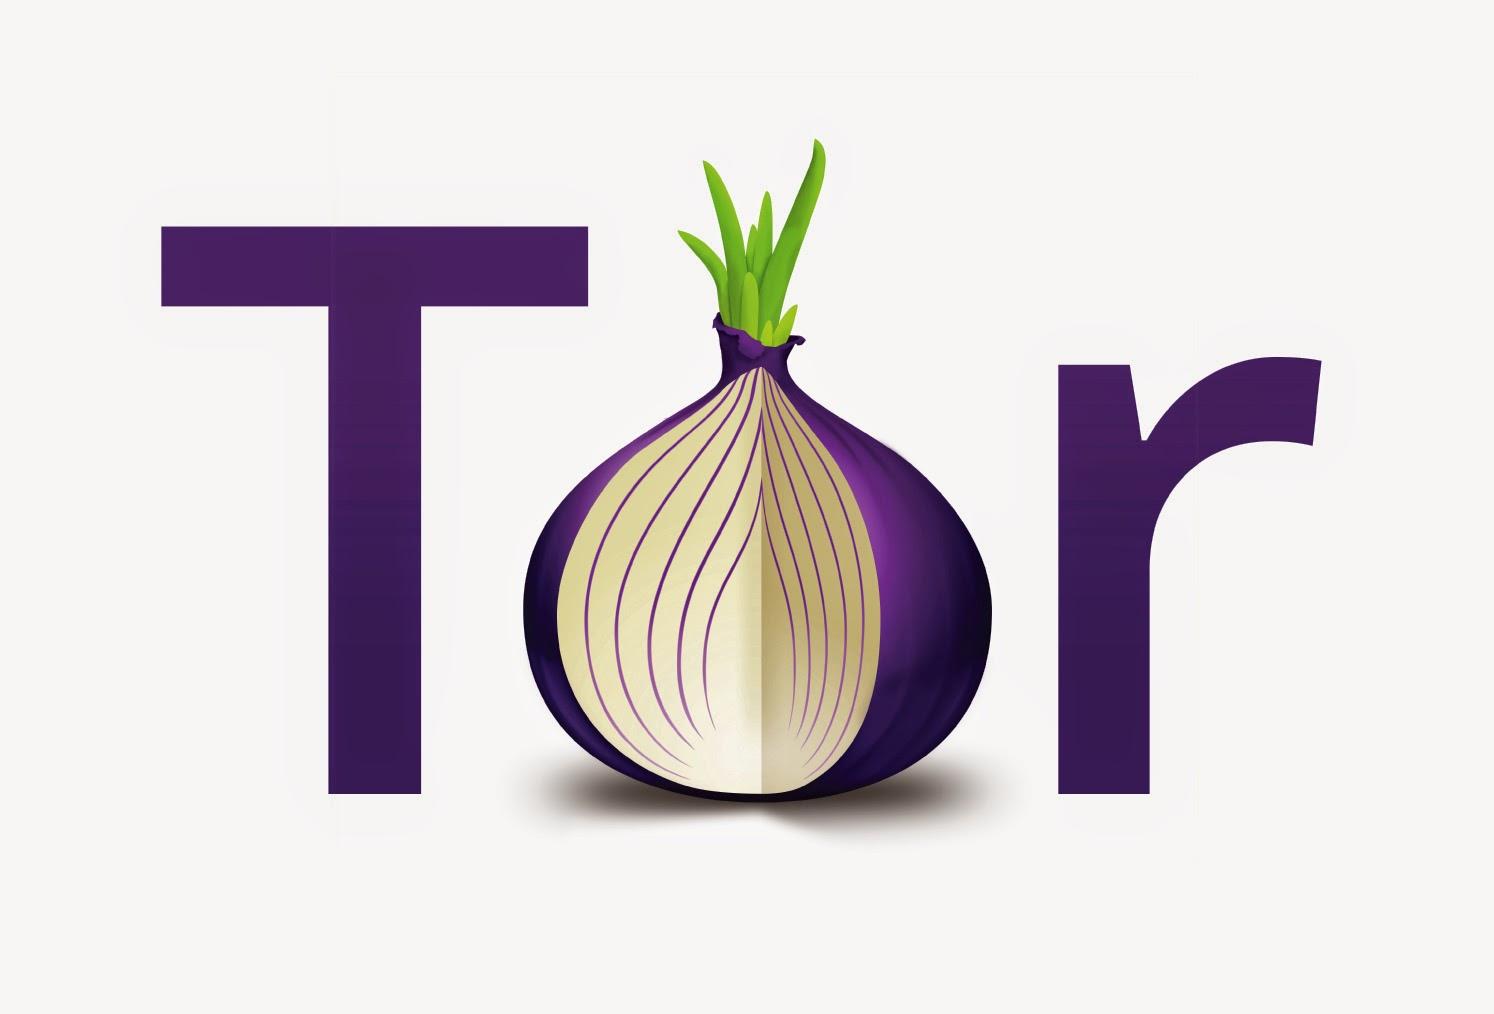 كيفية تثبيت متصفح Tor الإصدار الجديد لتصفح النت السفلي DarkNet - مدونة الحماية